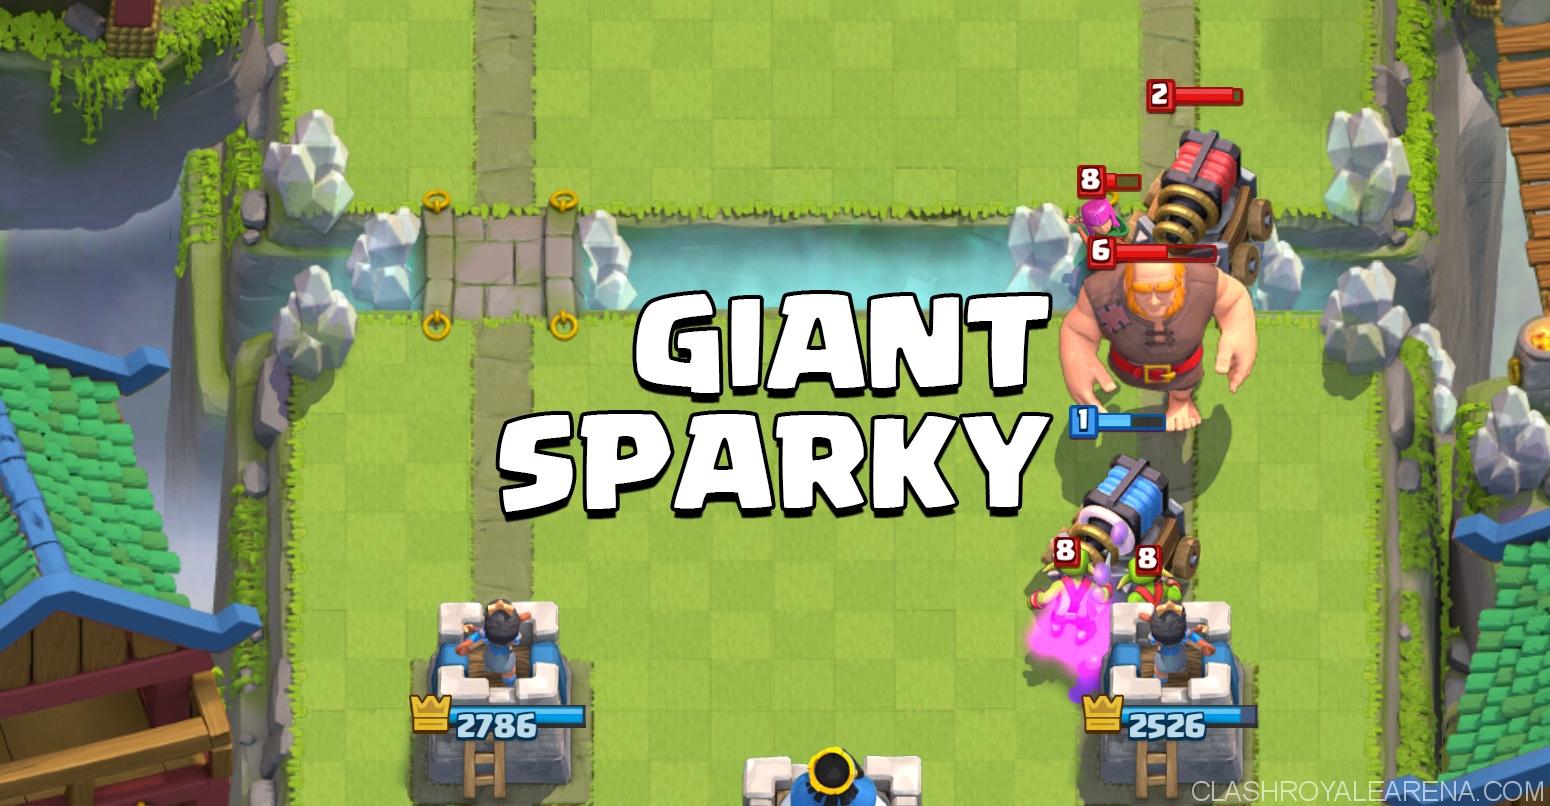 Giant Sparky Deck